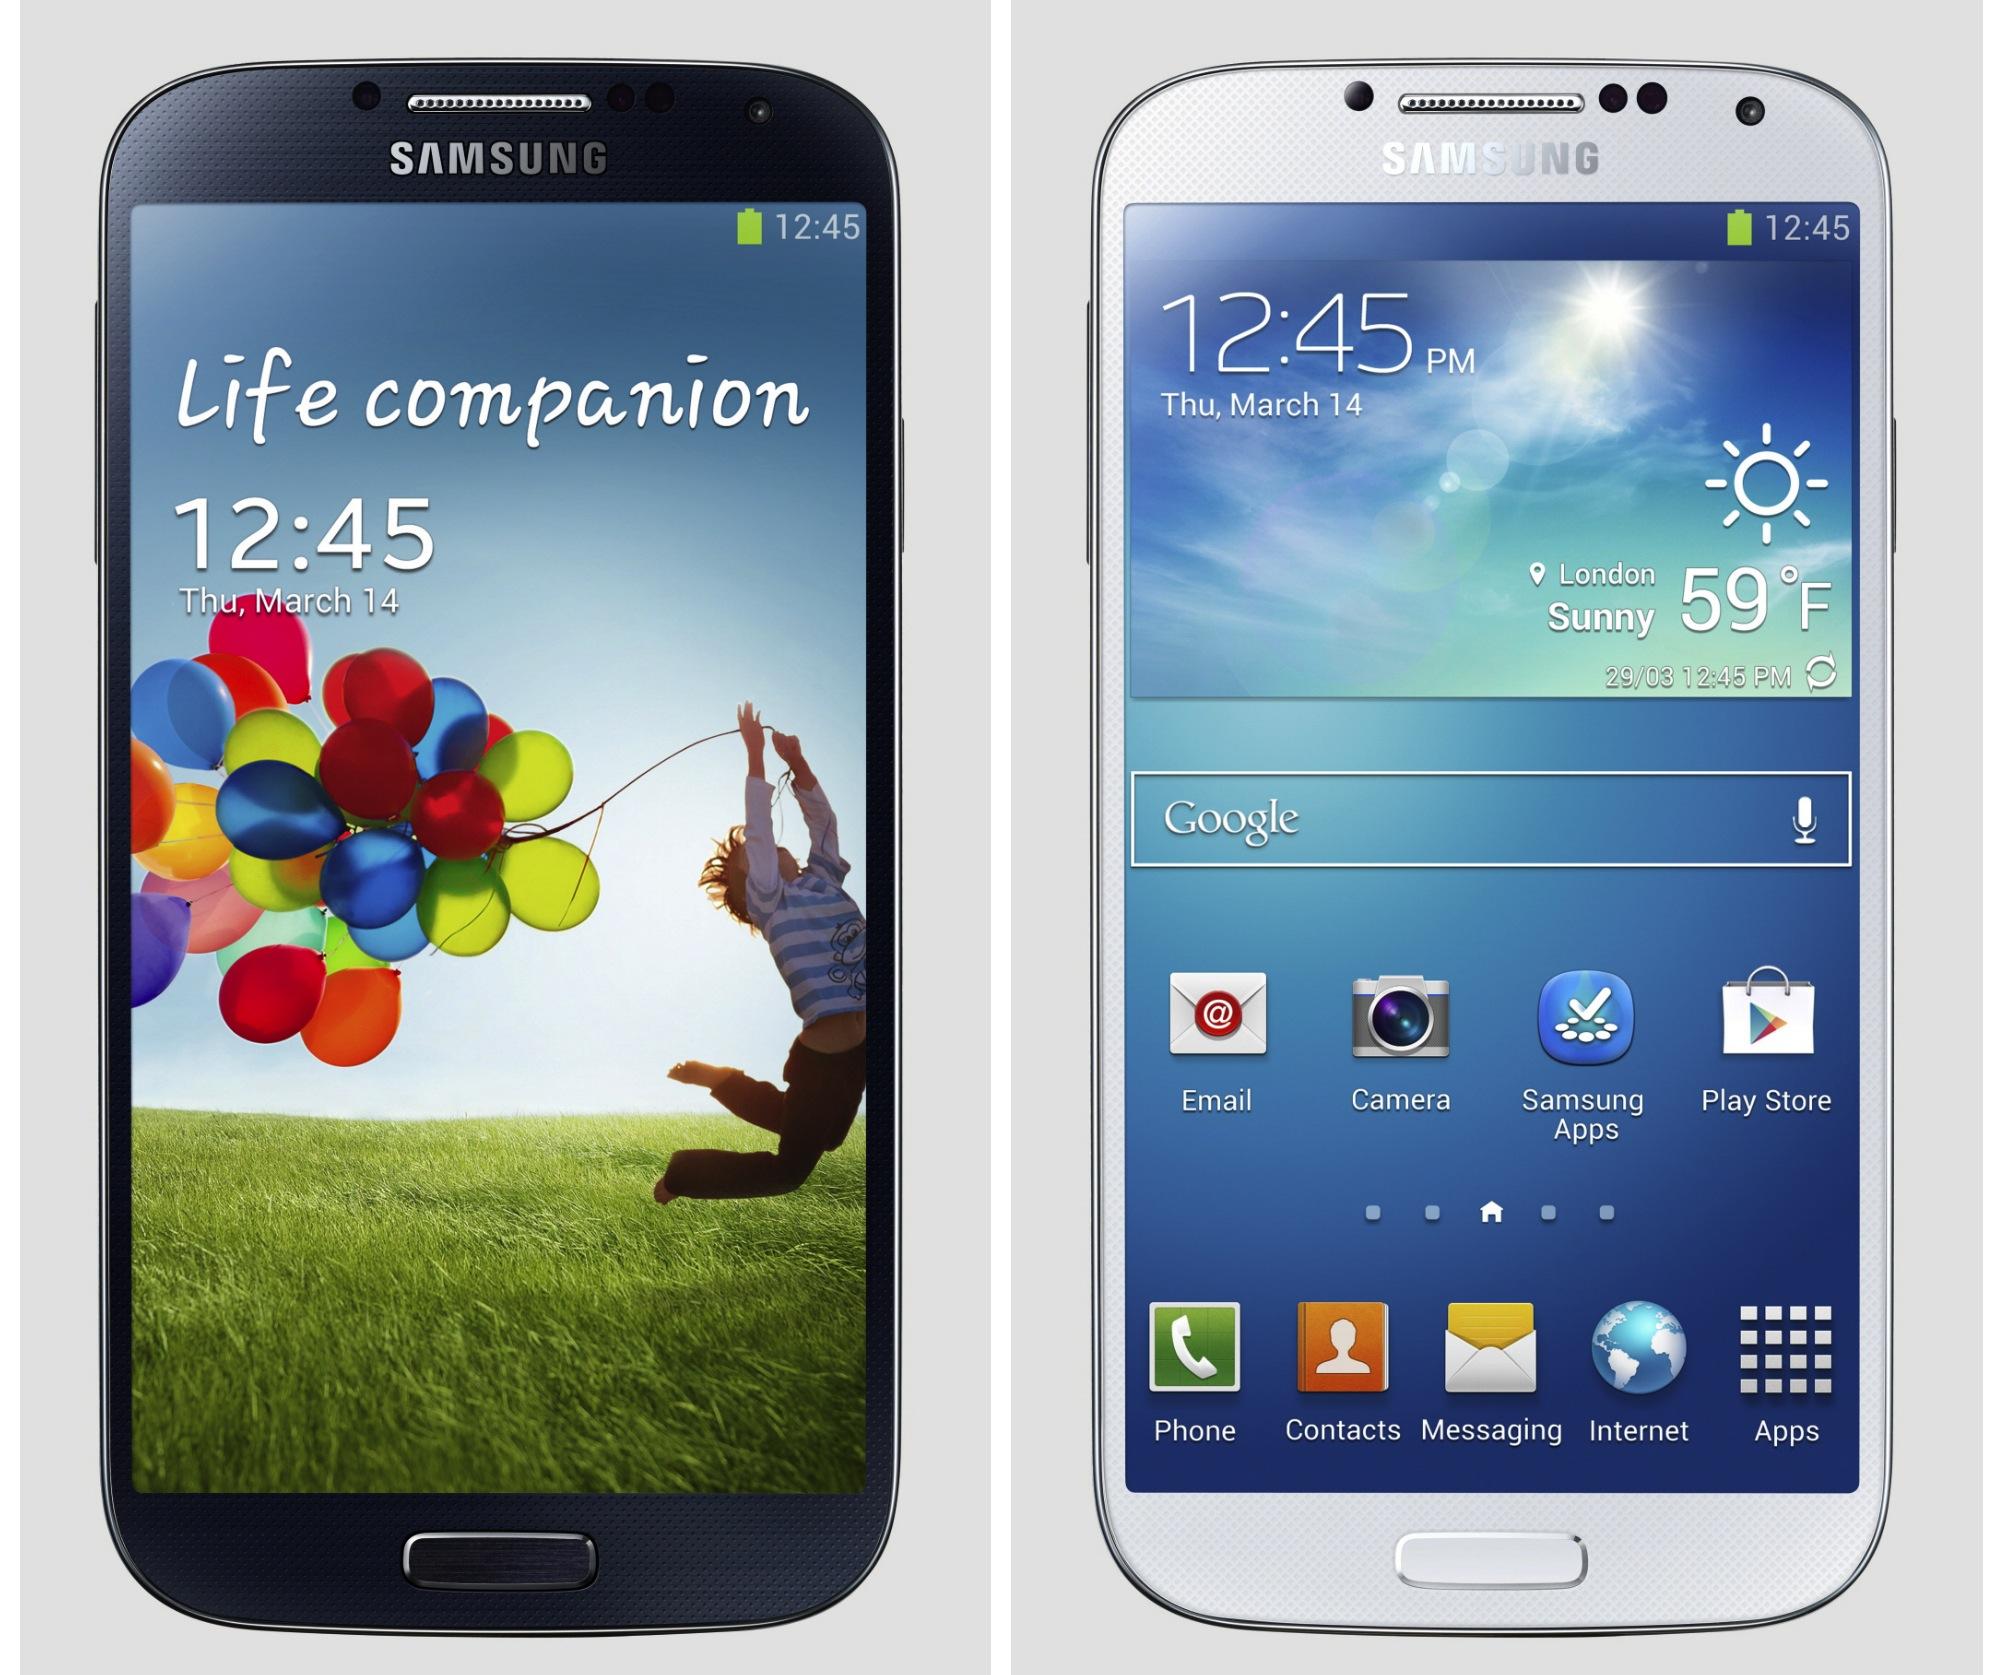 Samsung Galaxy S4 Active Zoom Black